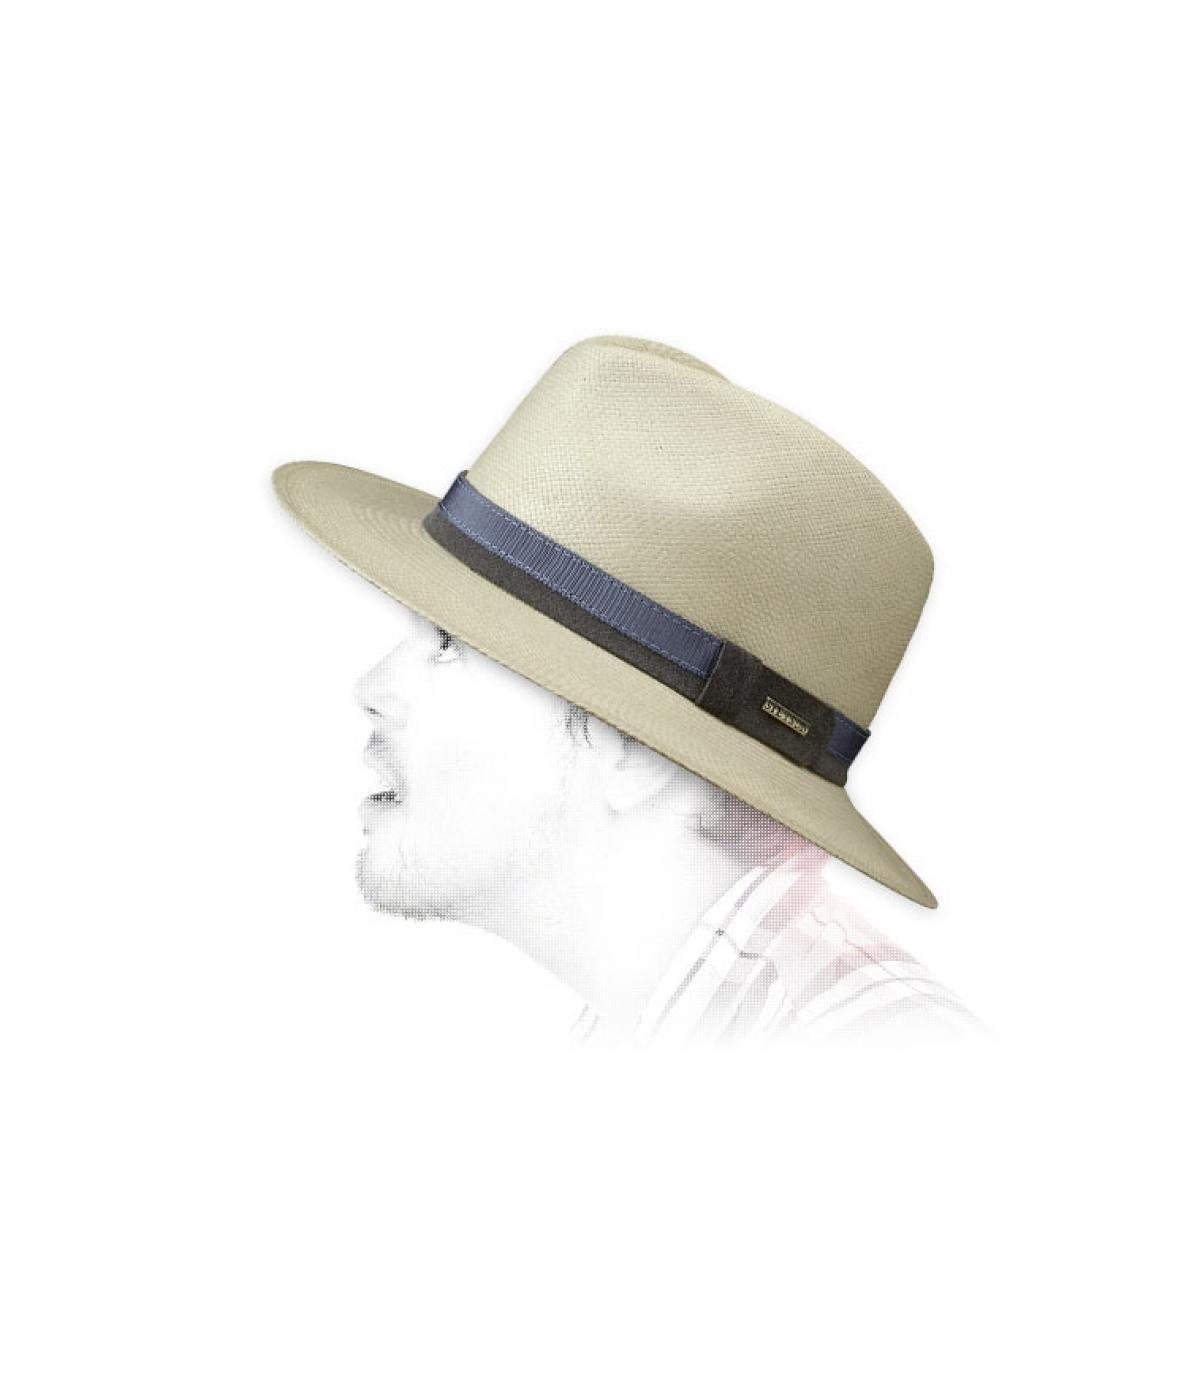 Detalles Sombrero Pinecrest panama imagen 3